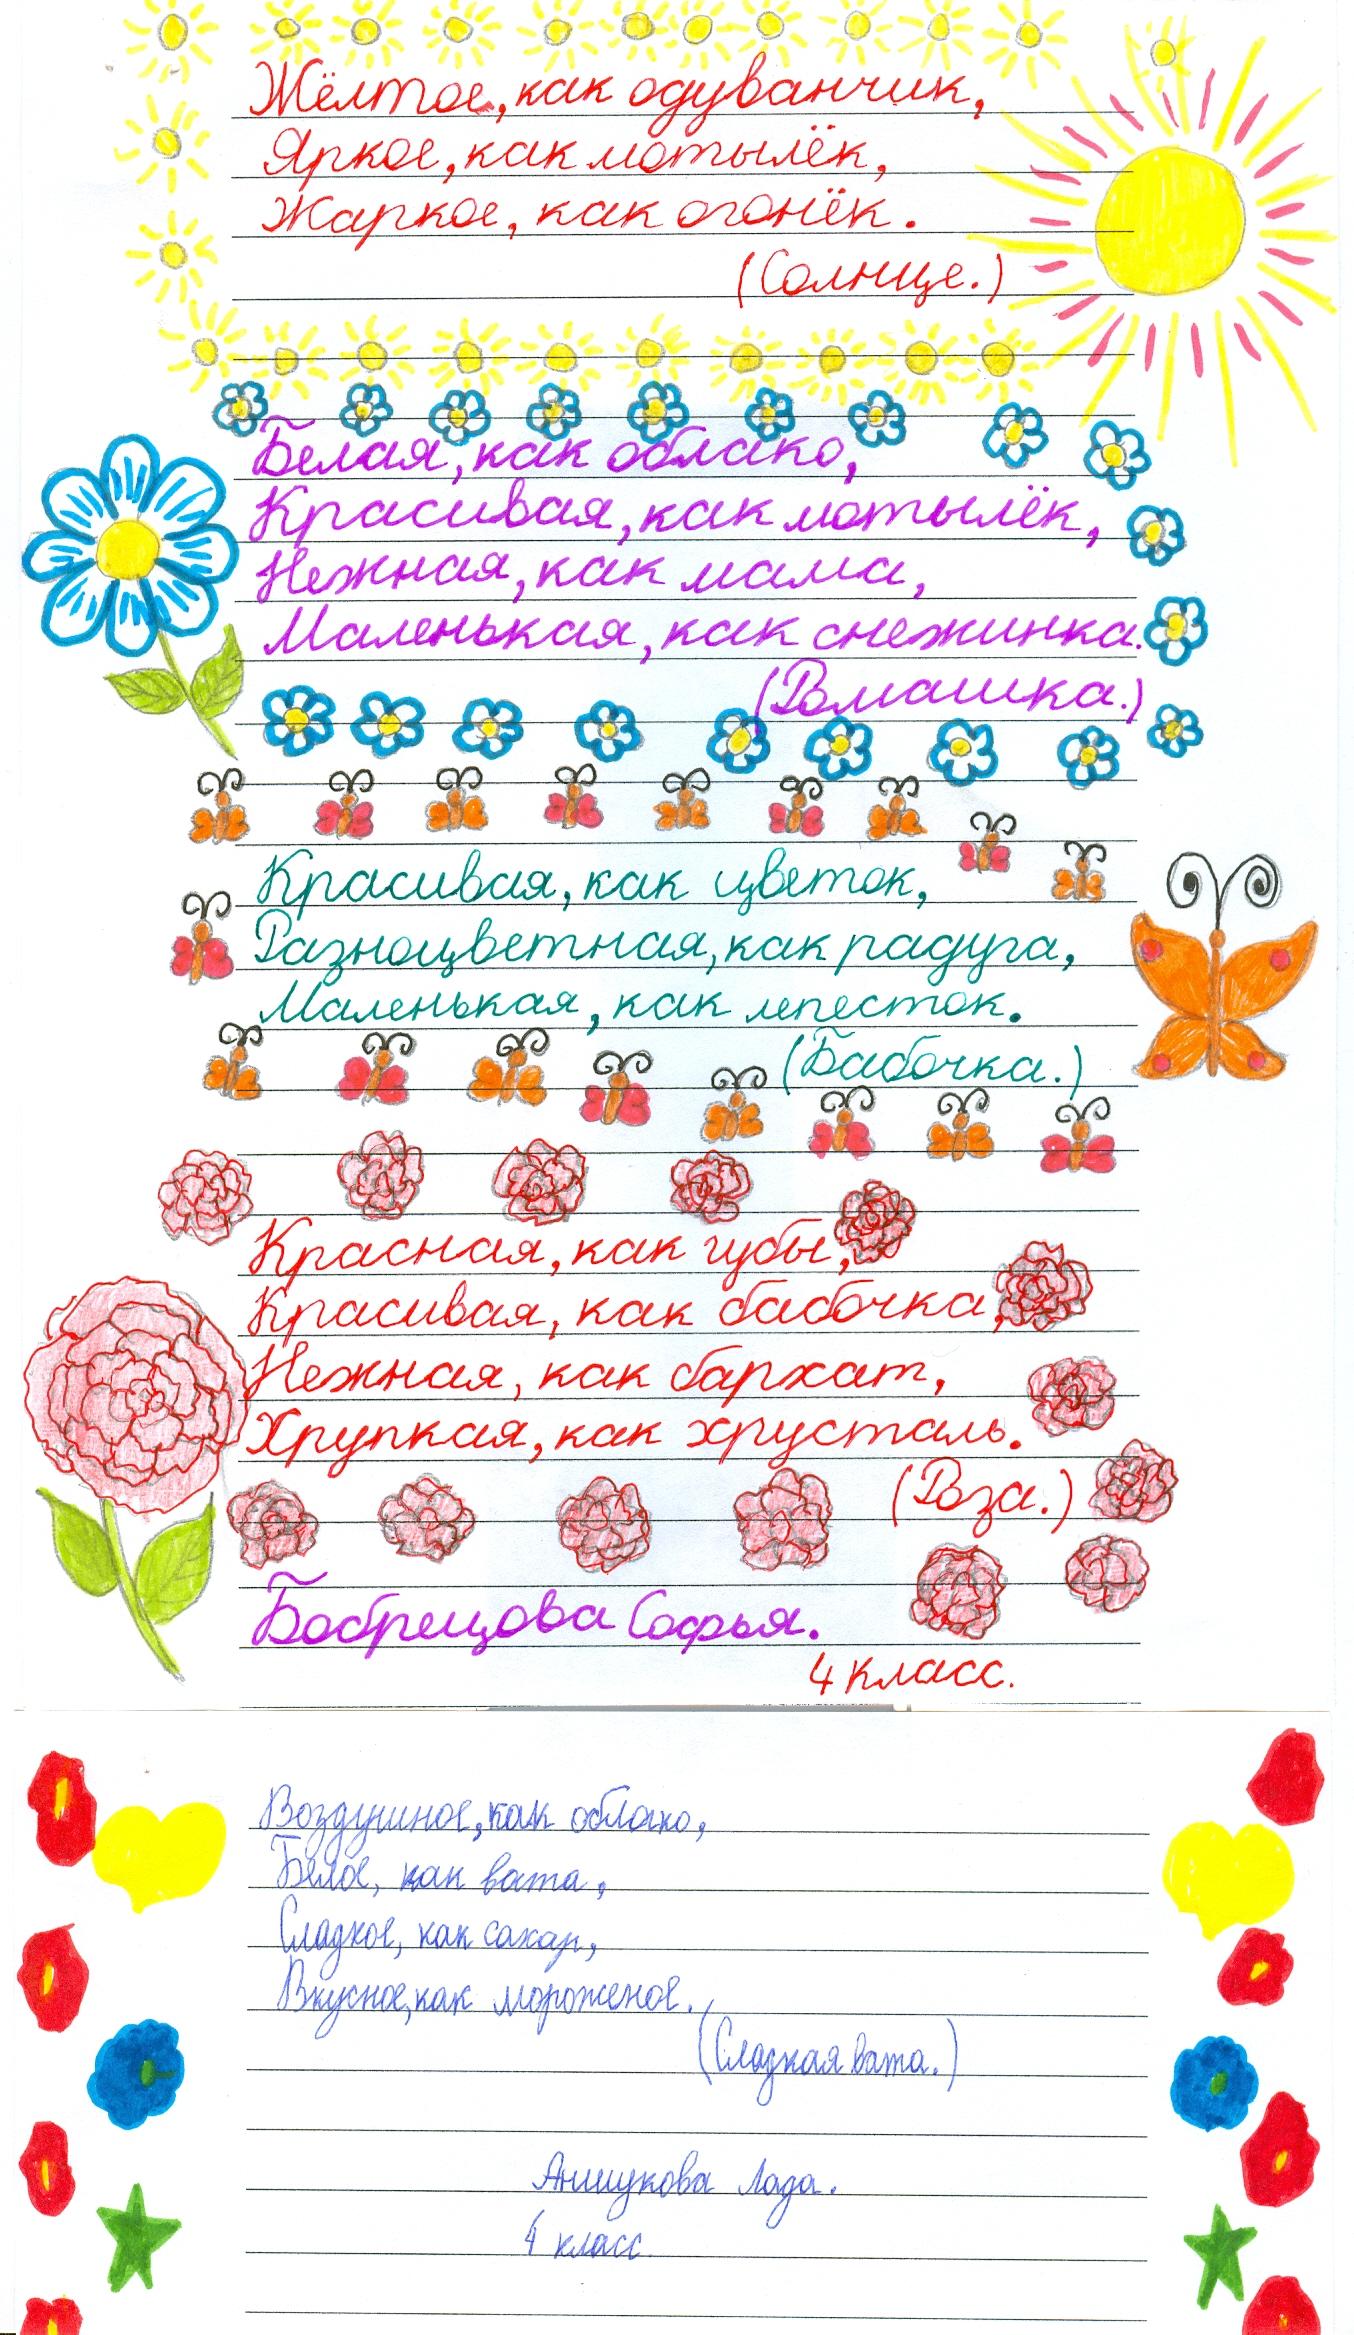 C:\Users\Елена Григорьевна\Pictures\Мои сканированные изображения\сканирование0042.jpg